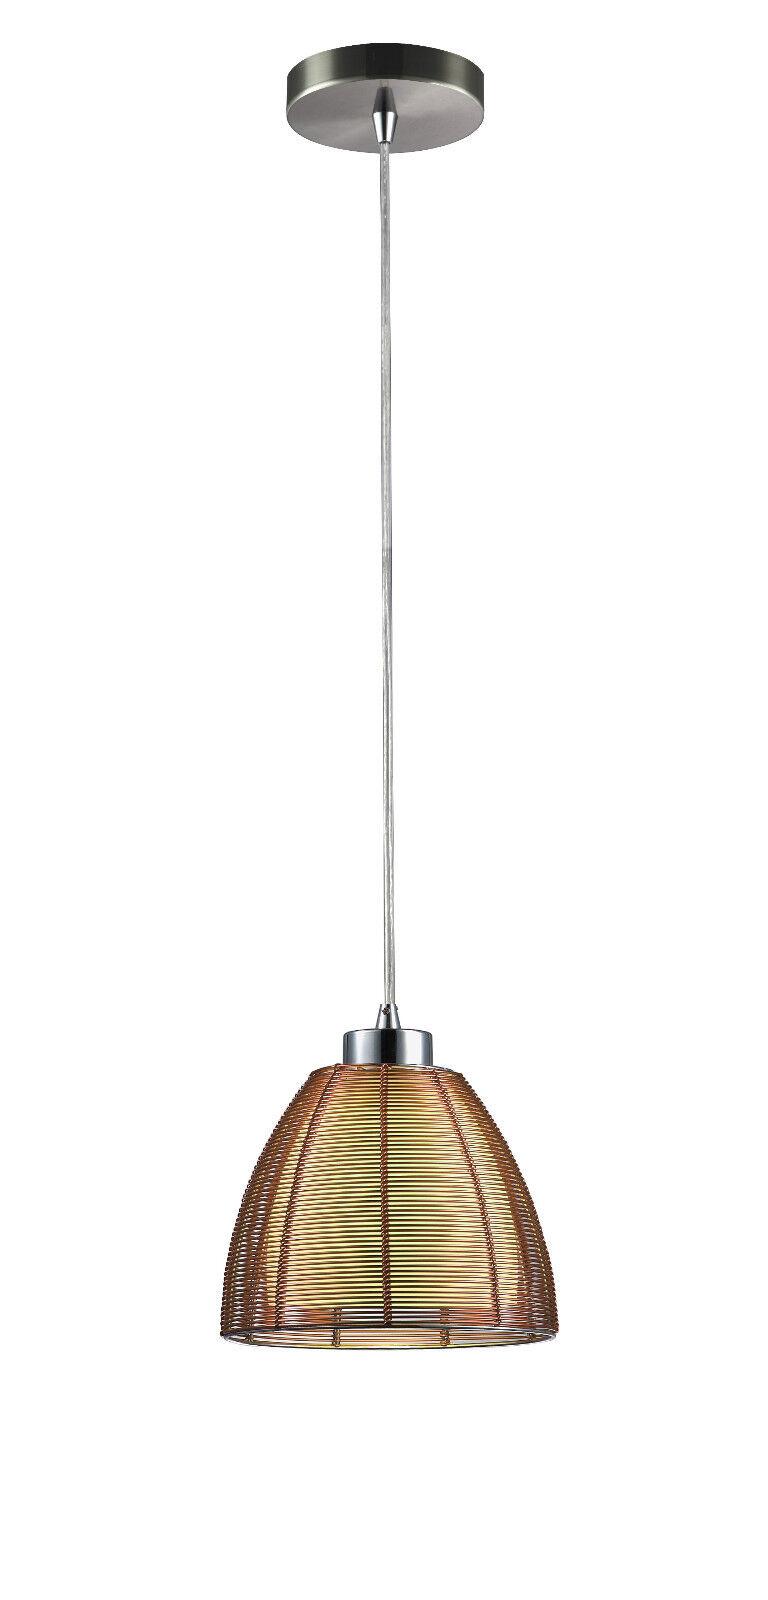 design pendelleuchte opalglas silber schwarz braun pendellampe h ngelampe lampe ebay. Black Bedroom Furniture Sets. Home Design Ideas